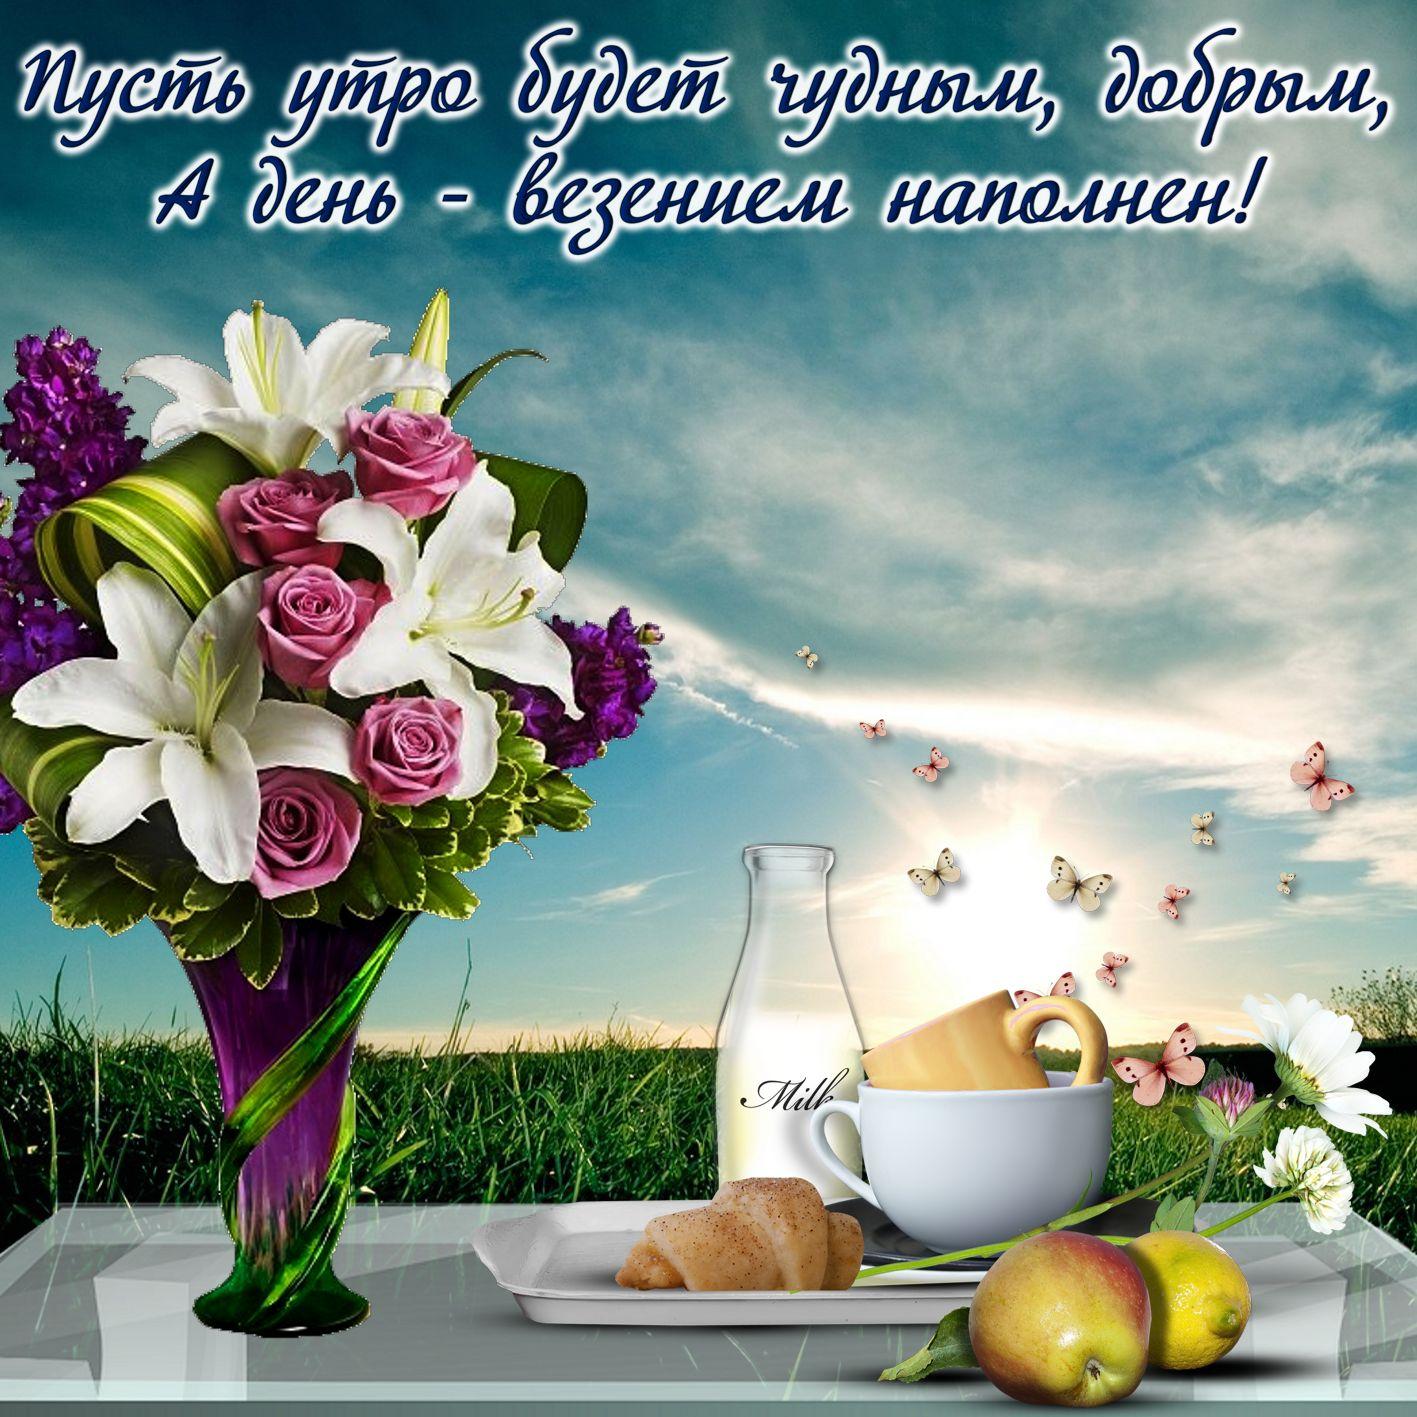 Для поздравления, открытки чудесное утро